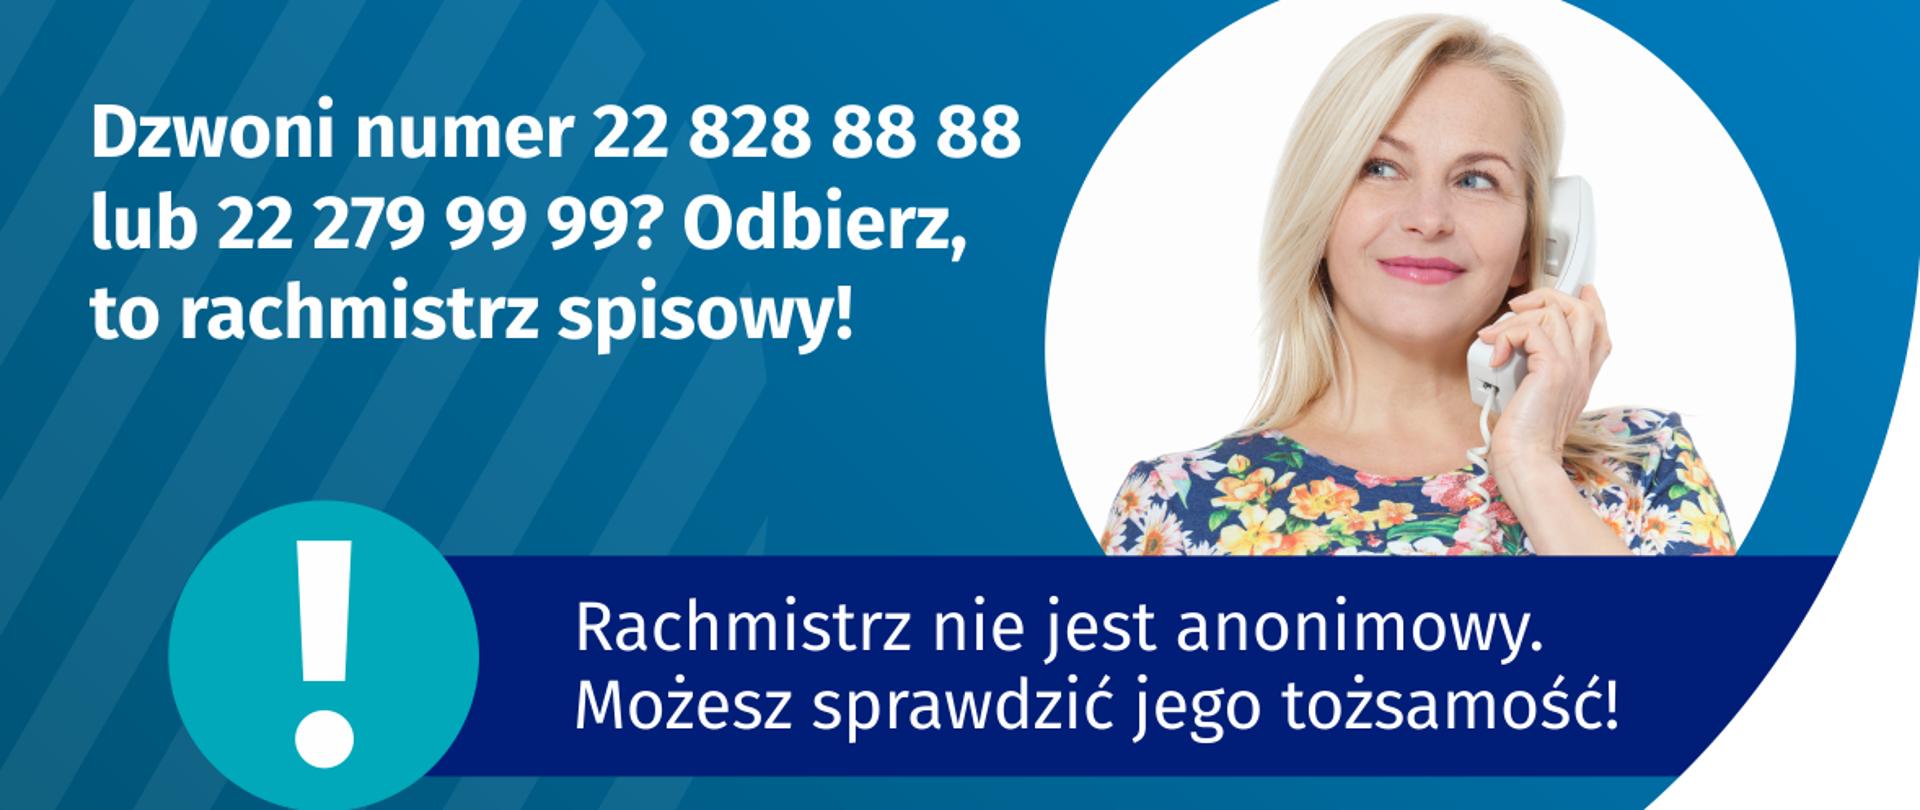 Plakat informacyjny o numerze telefonu rachmistrza spisowego 22 828 88 88 lub 22 279 99 99